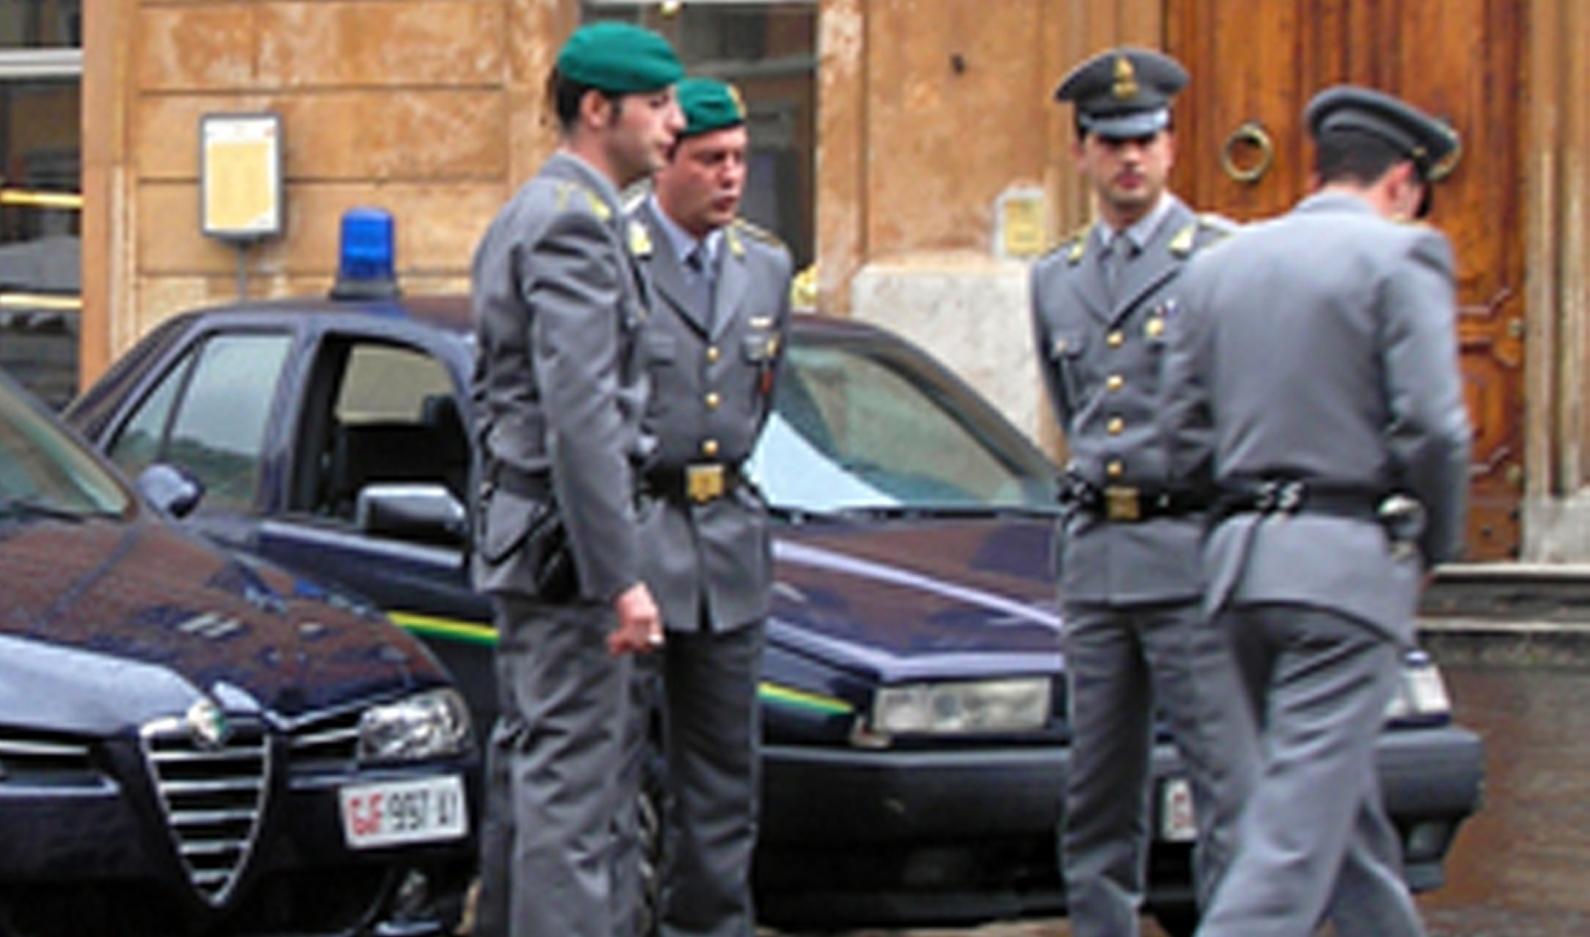 Pilotarono il fallimento di una società  per 3 milioni di euro, denunciati 5 imprenditori